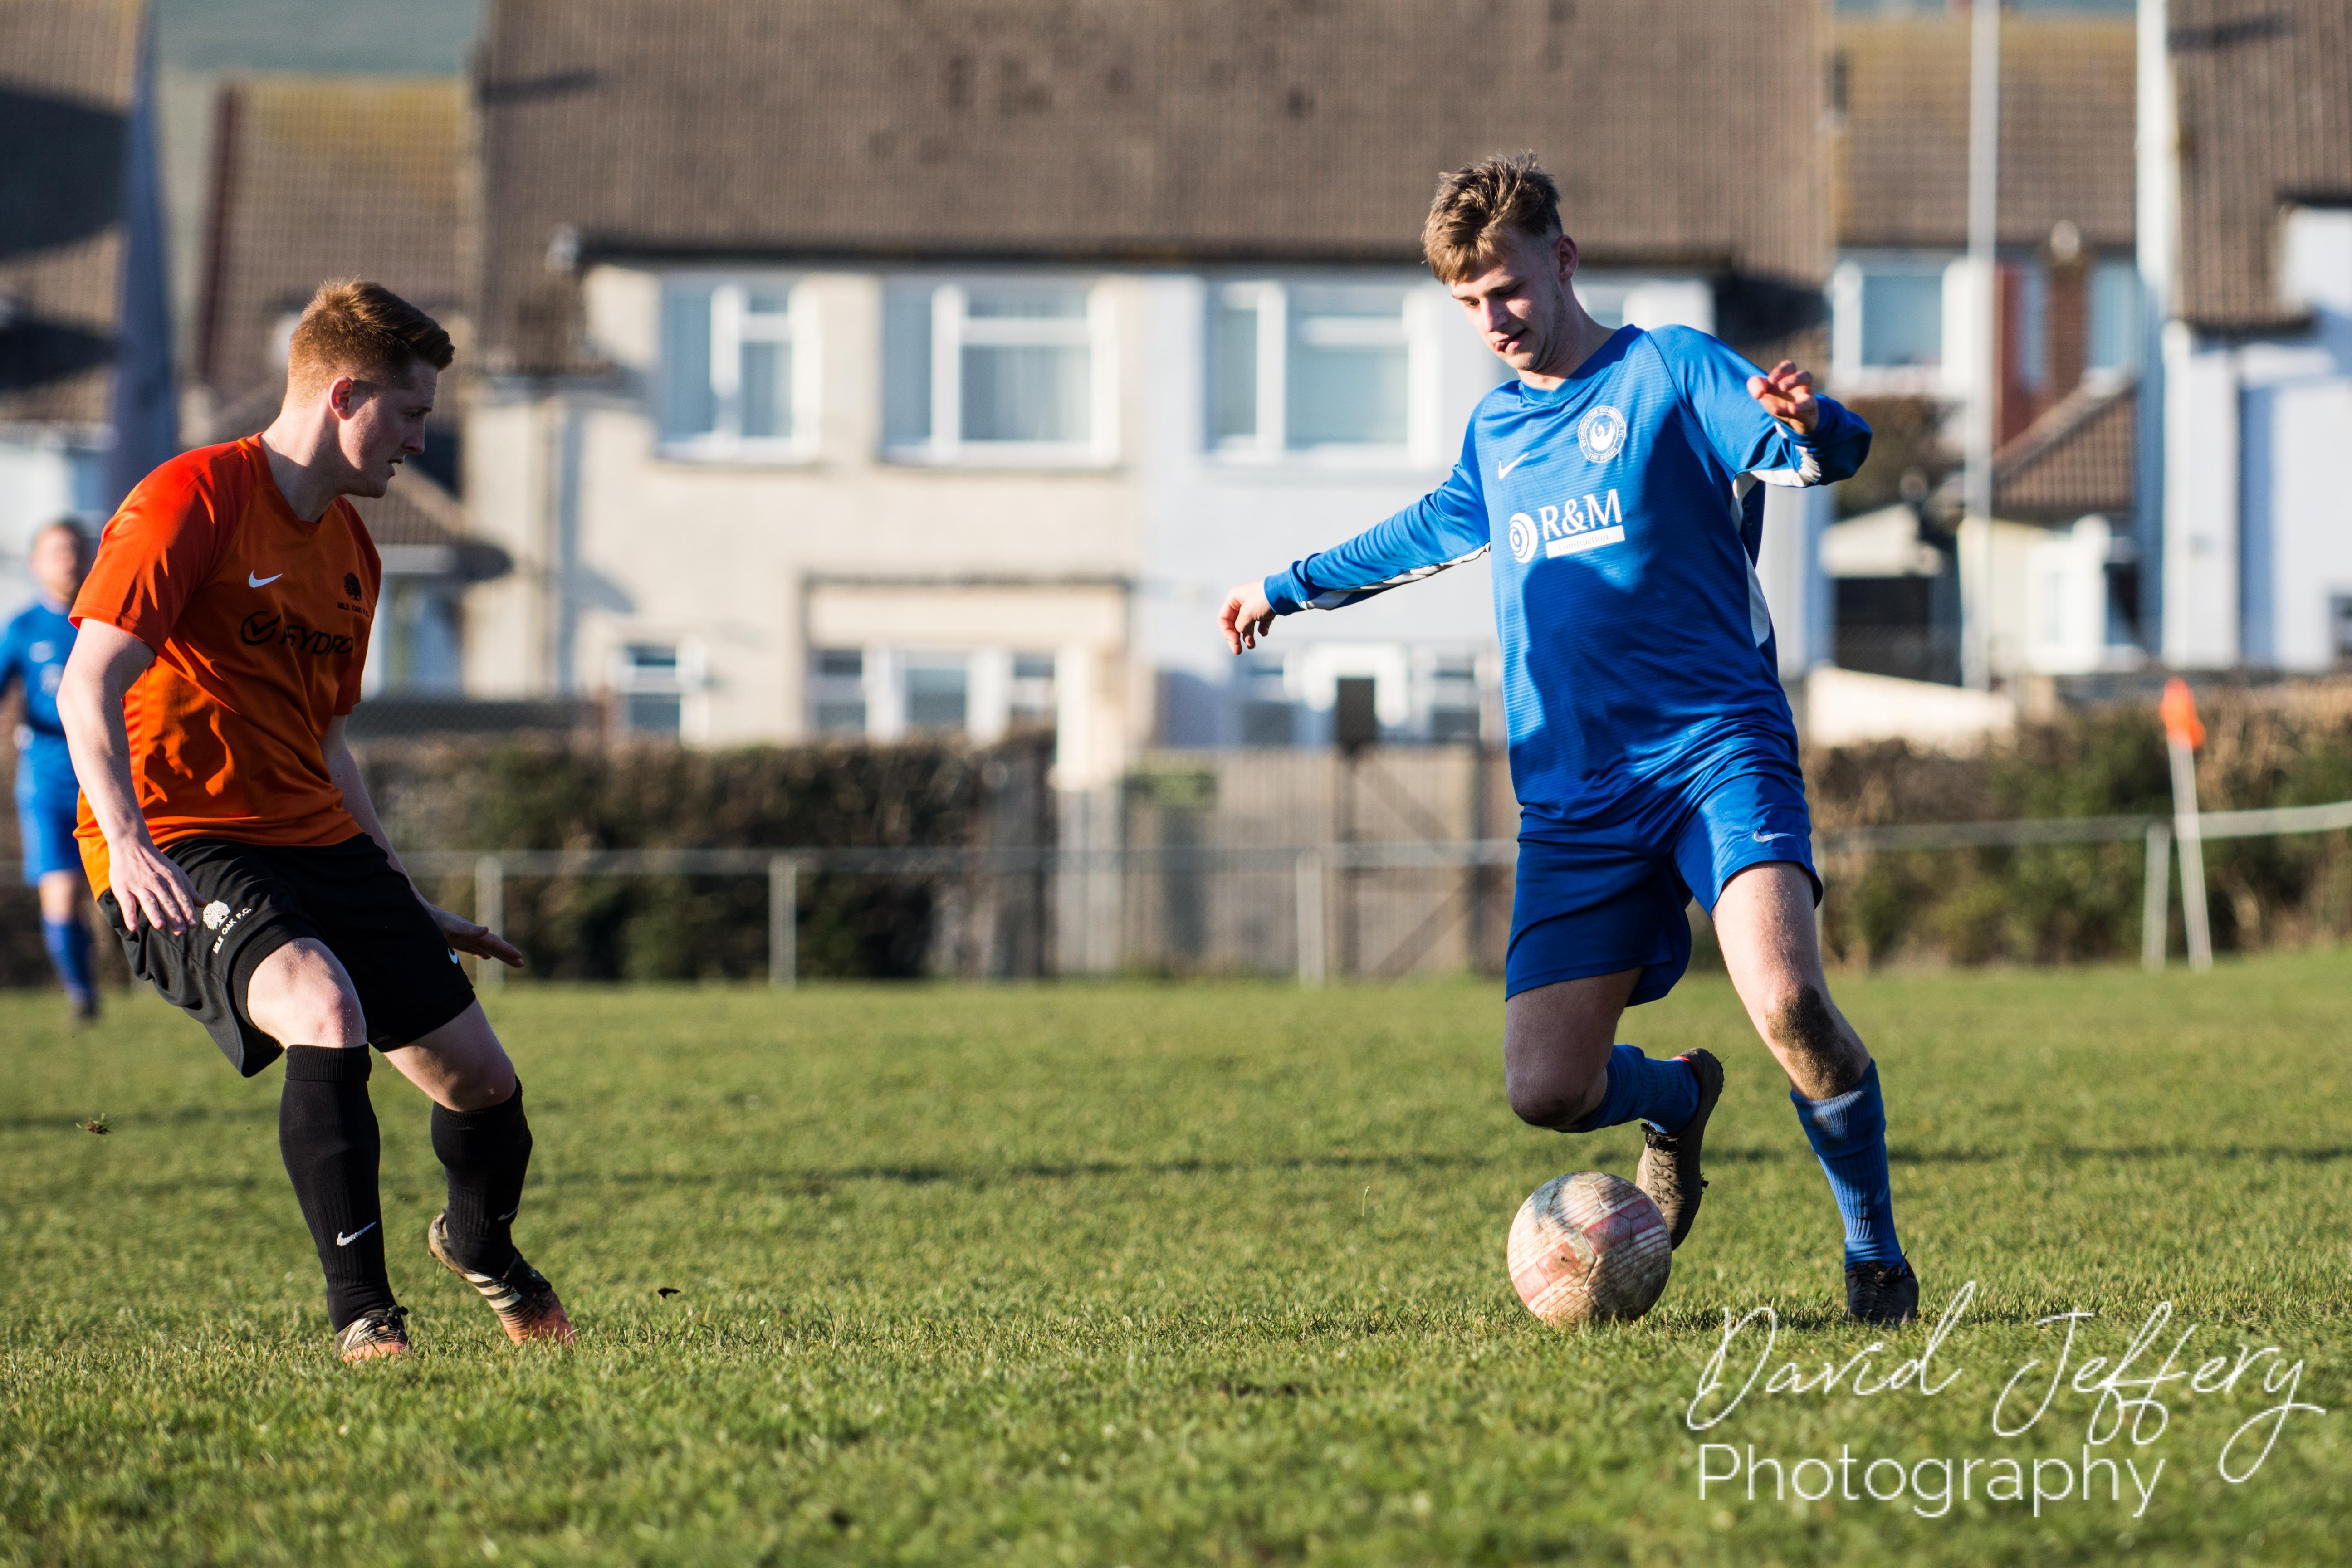 DAVID_JEFFERY MOFC vs Storrington 034